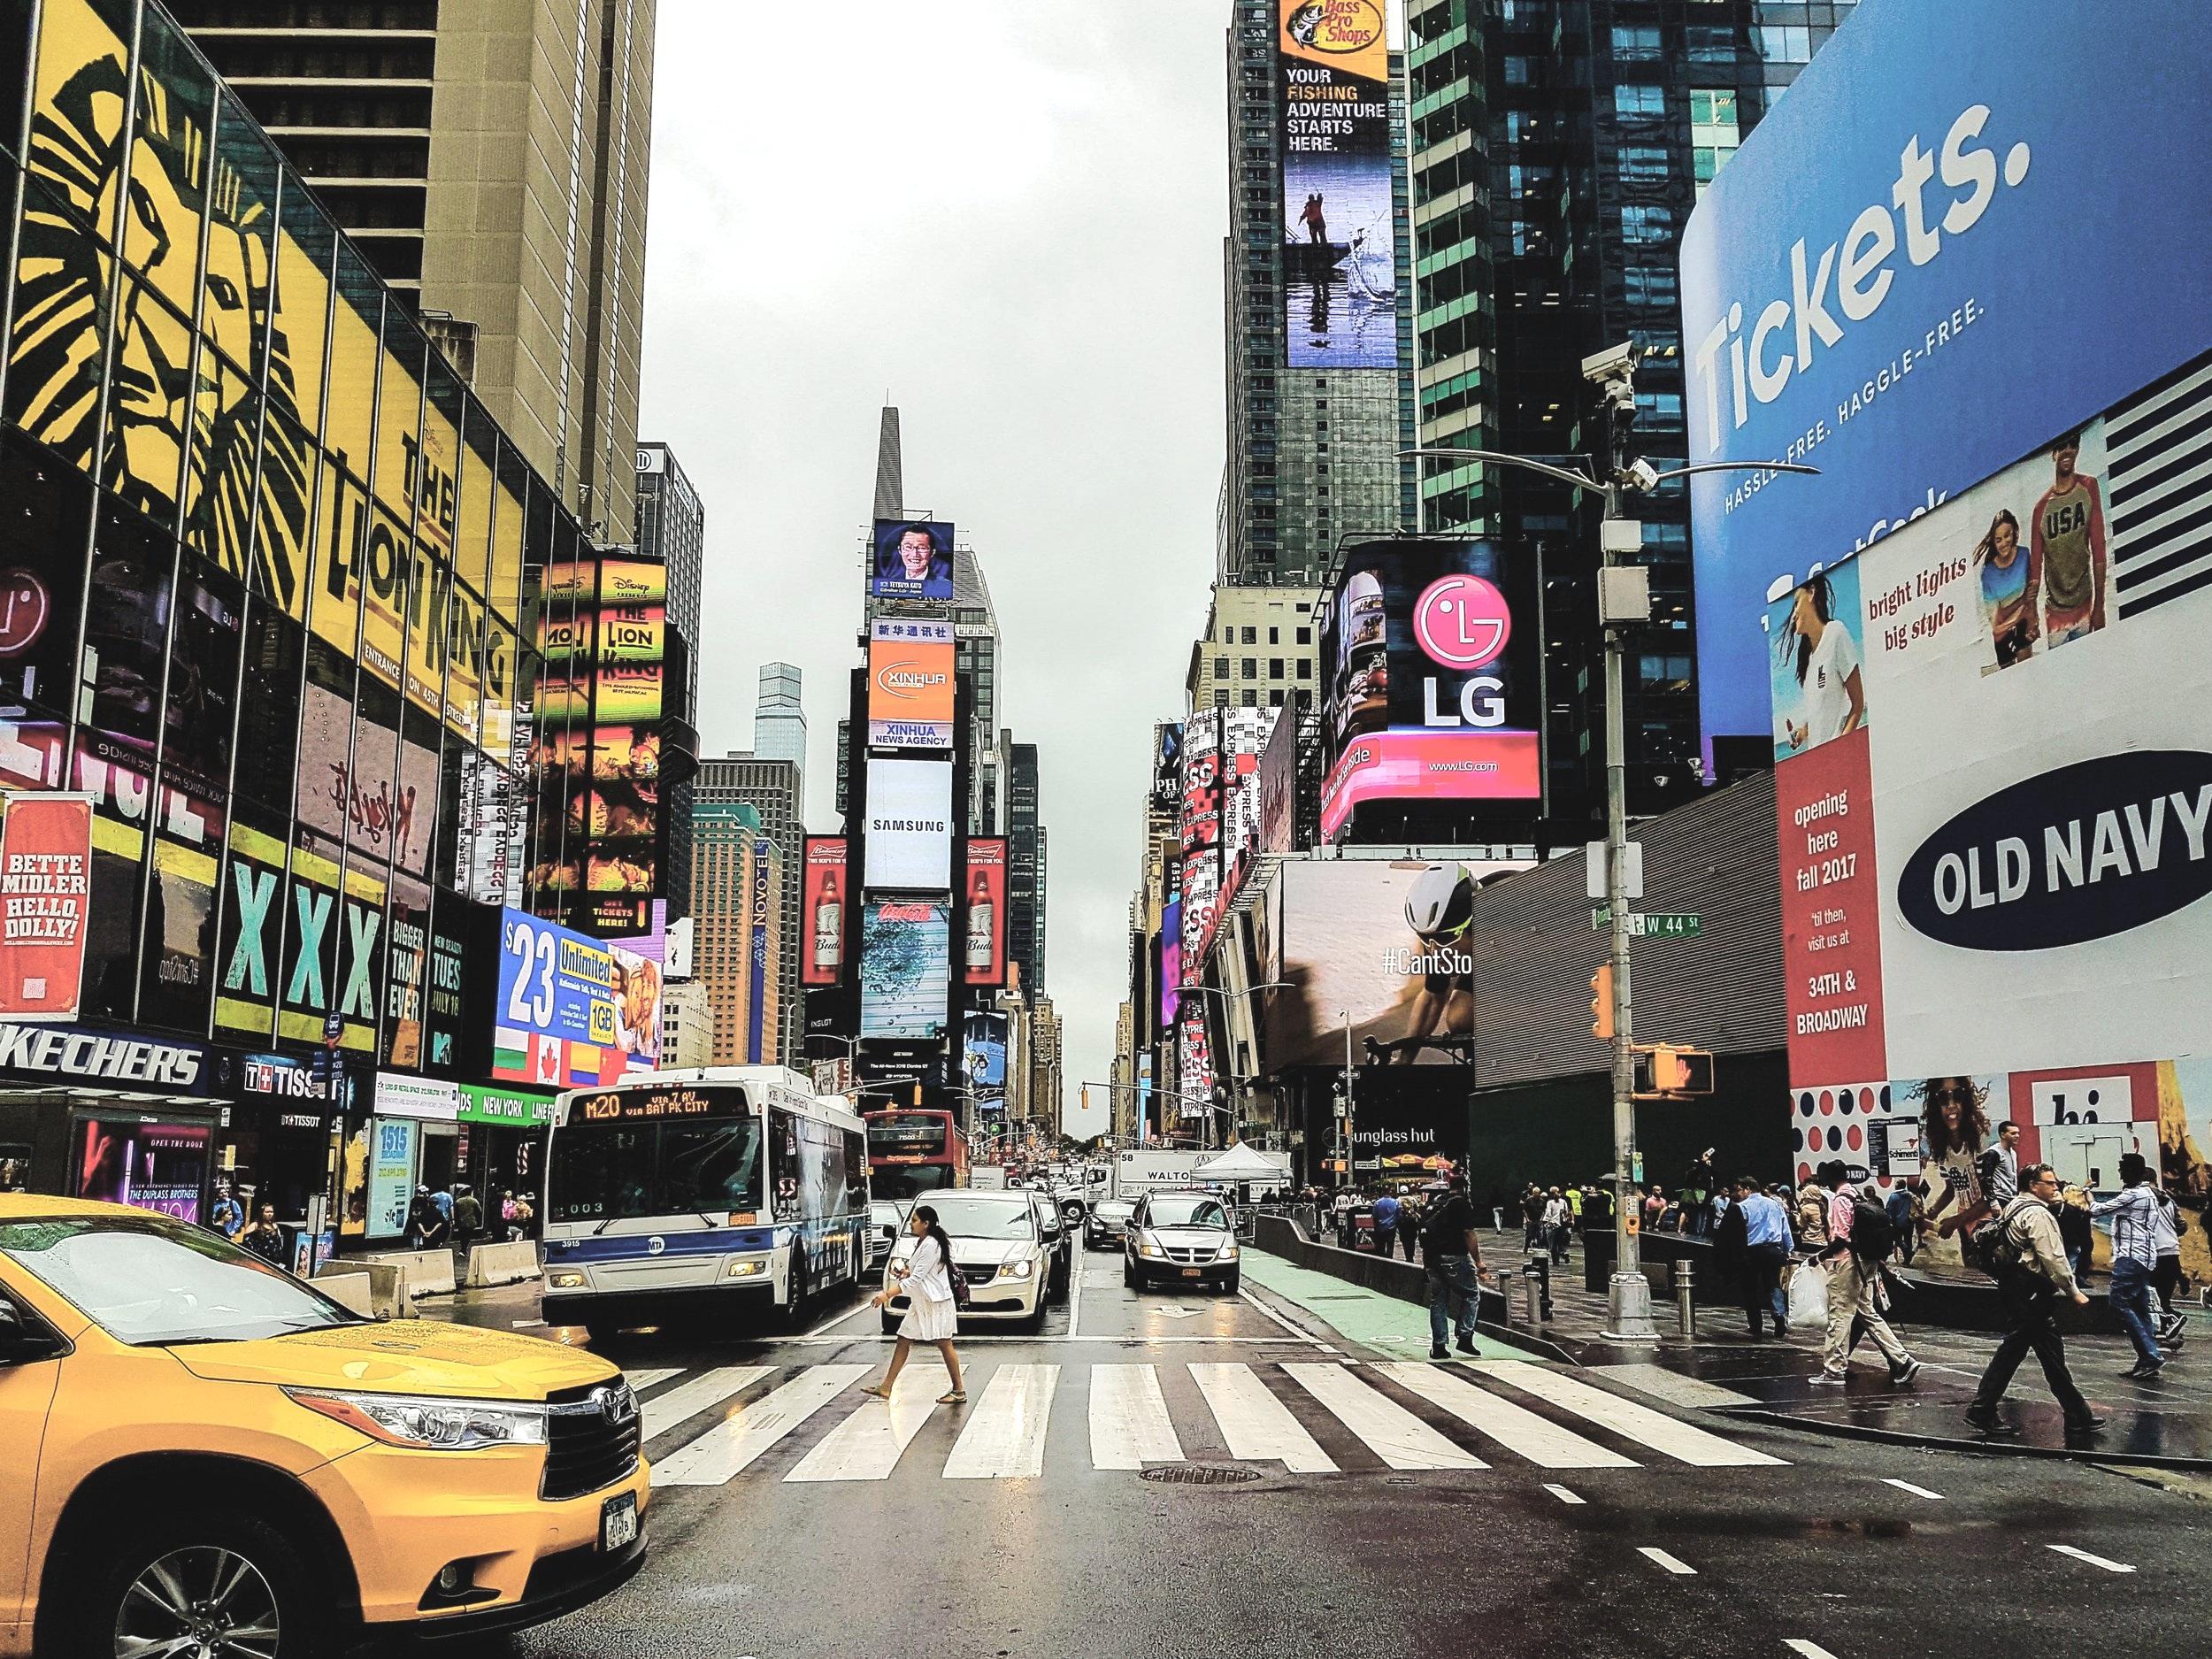 Times Square, New York City, NY